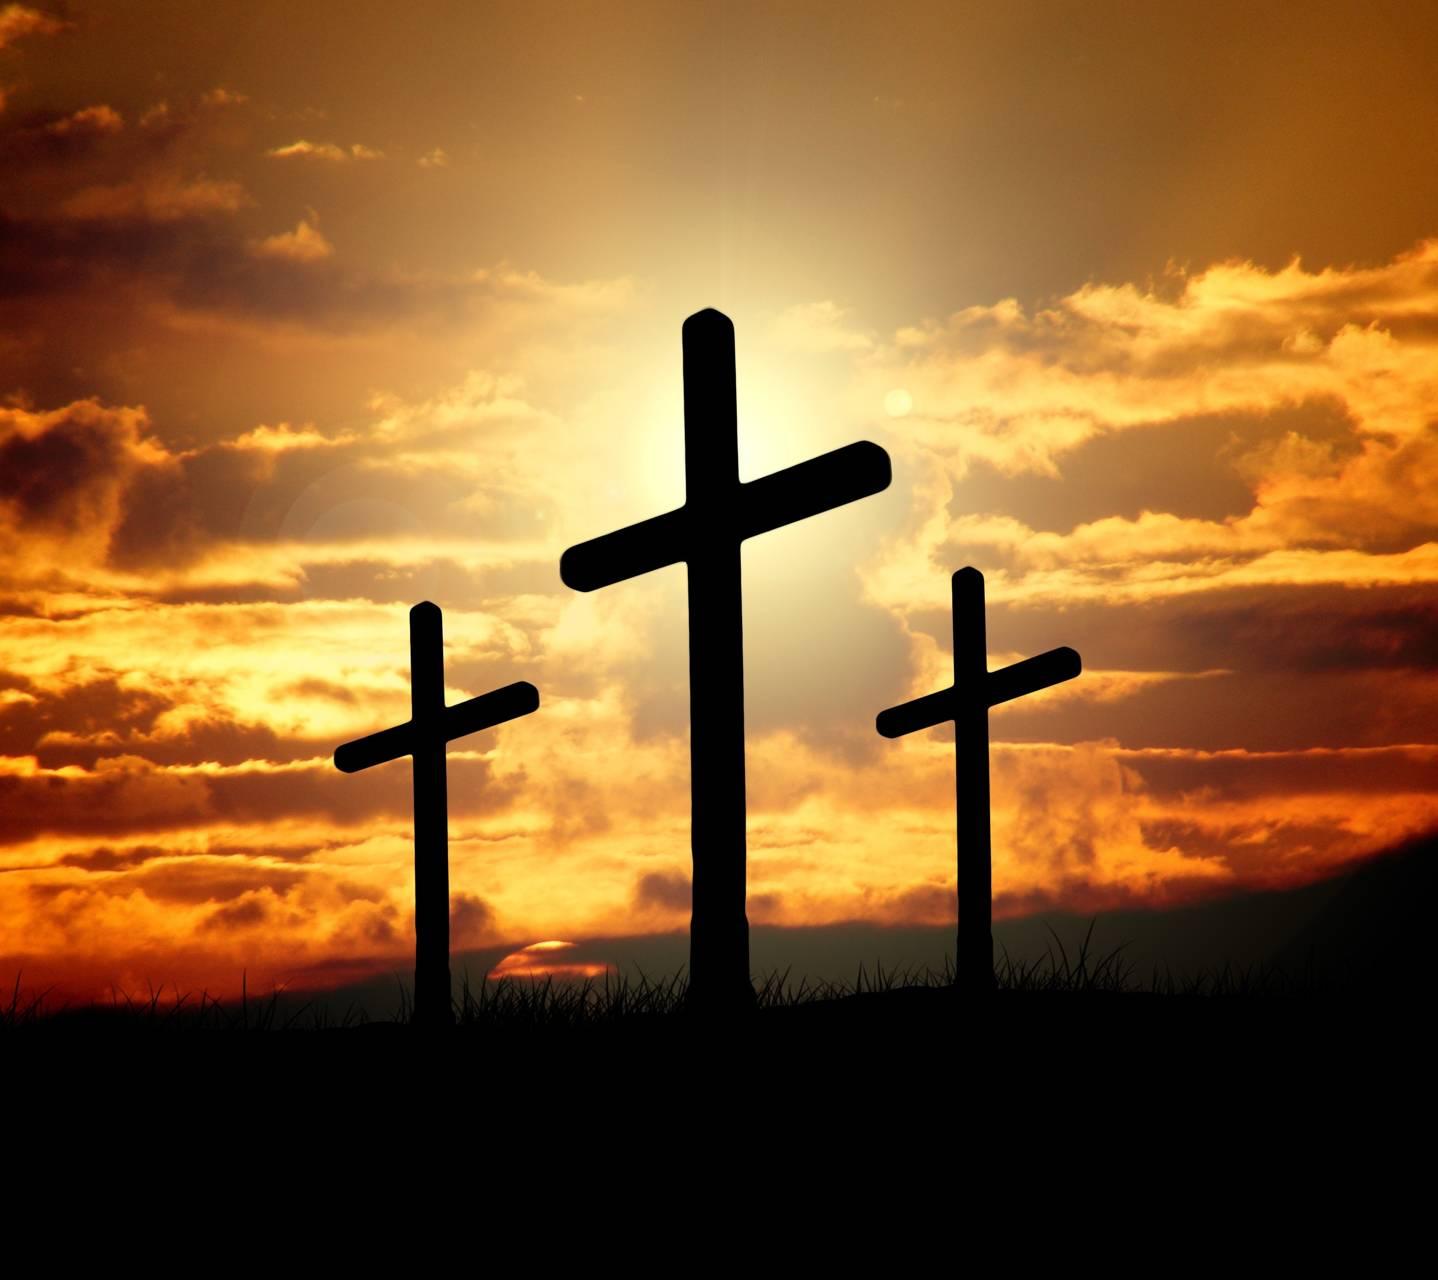 Cross Wallpapers Free: Sunset Crosses Wallpaper By Mrskokspang